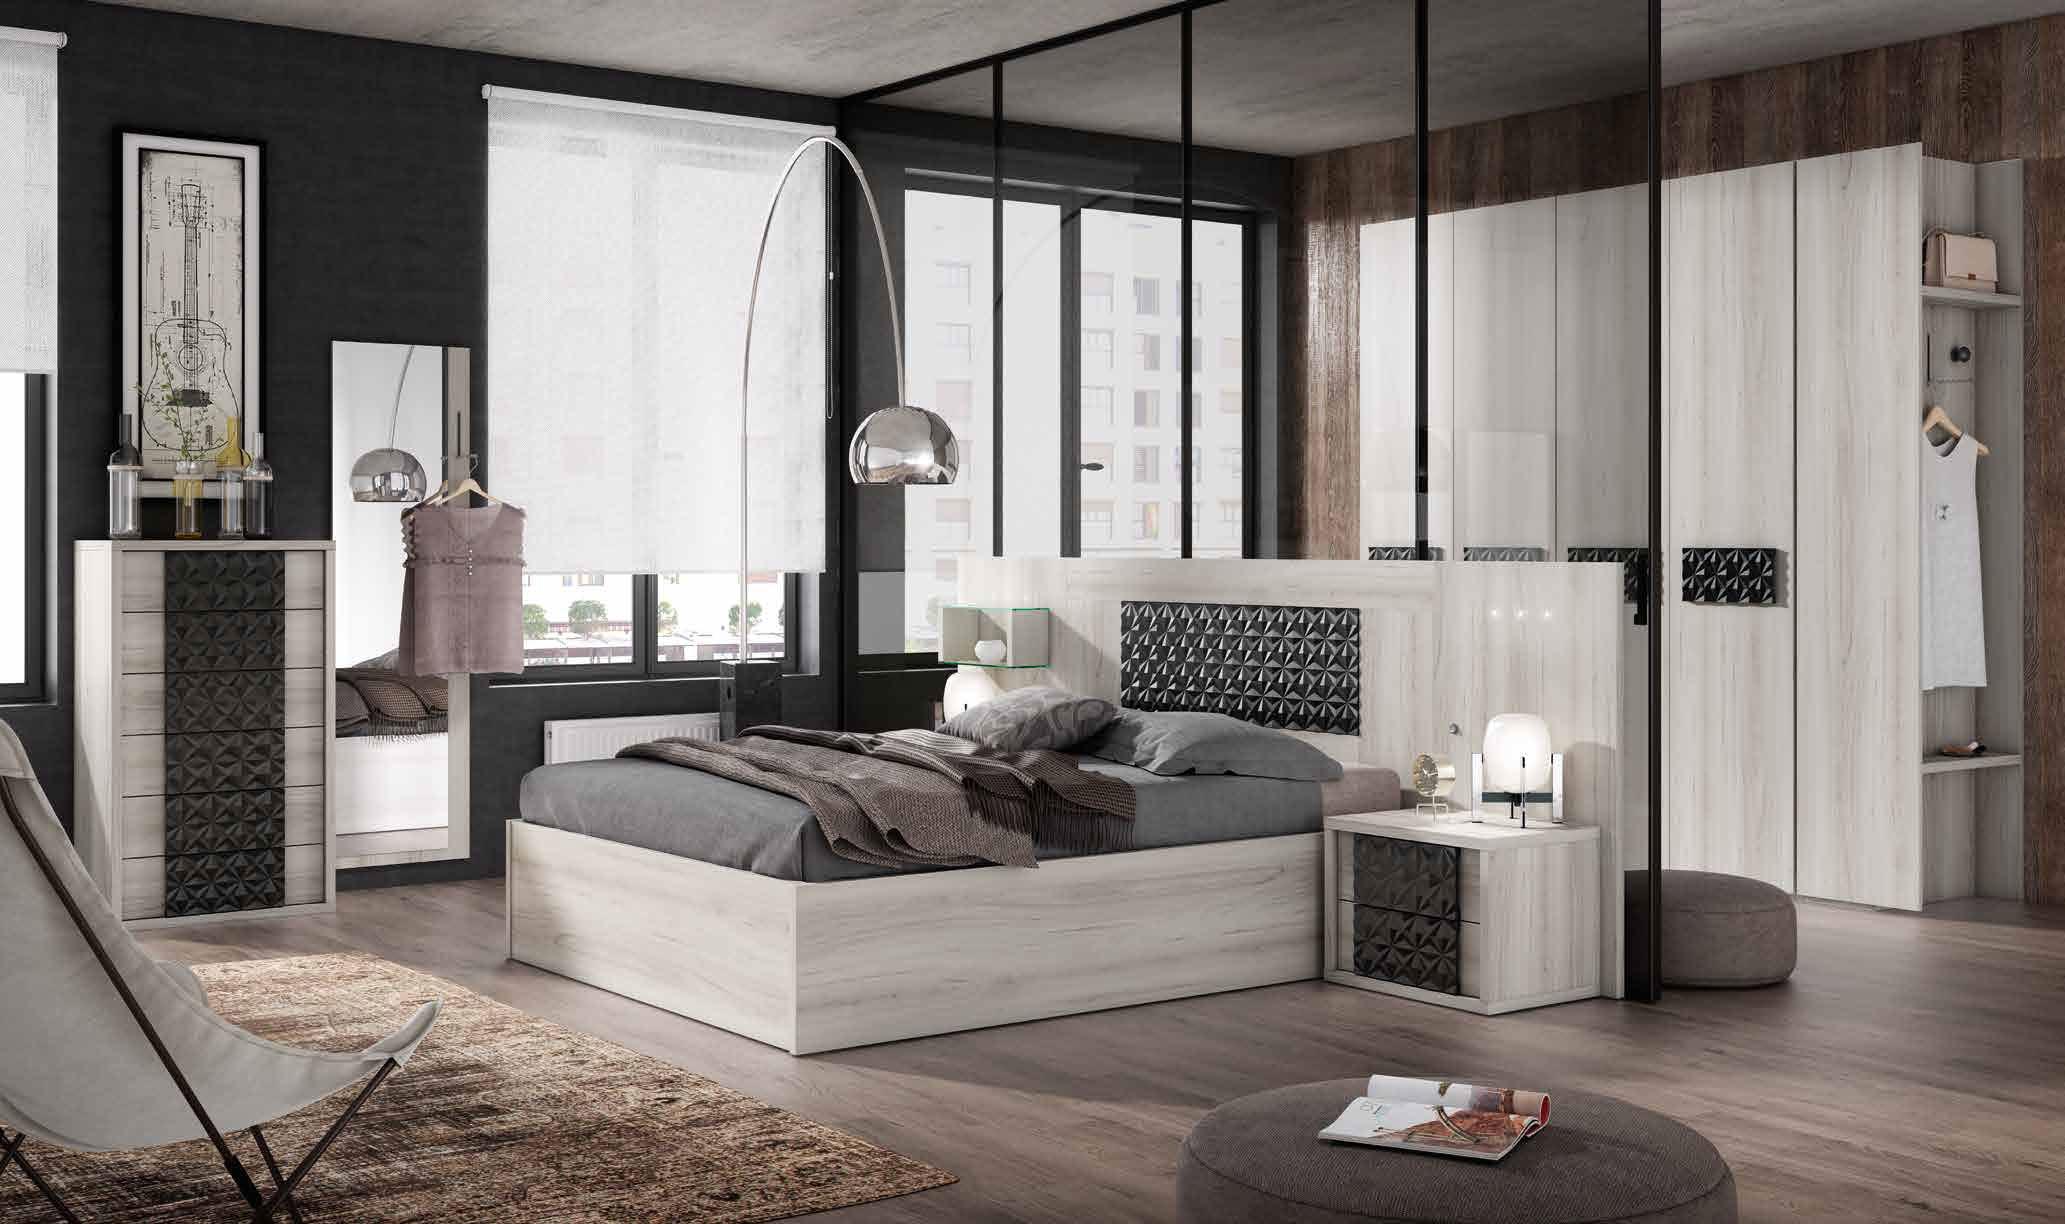 creta-dormitorio-leto-tax-31